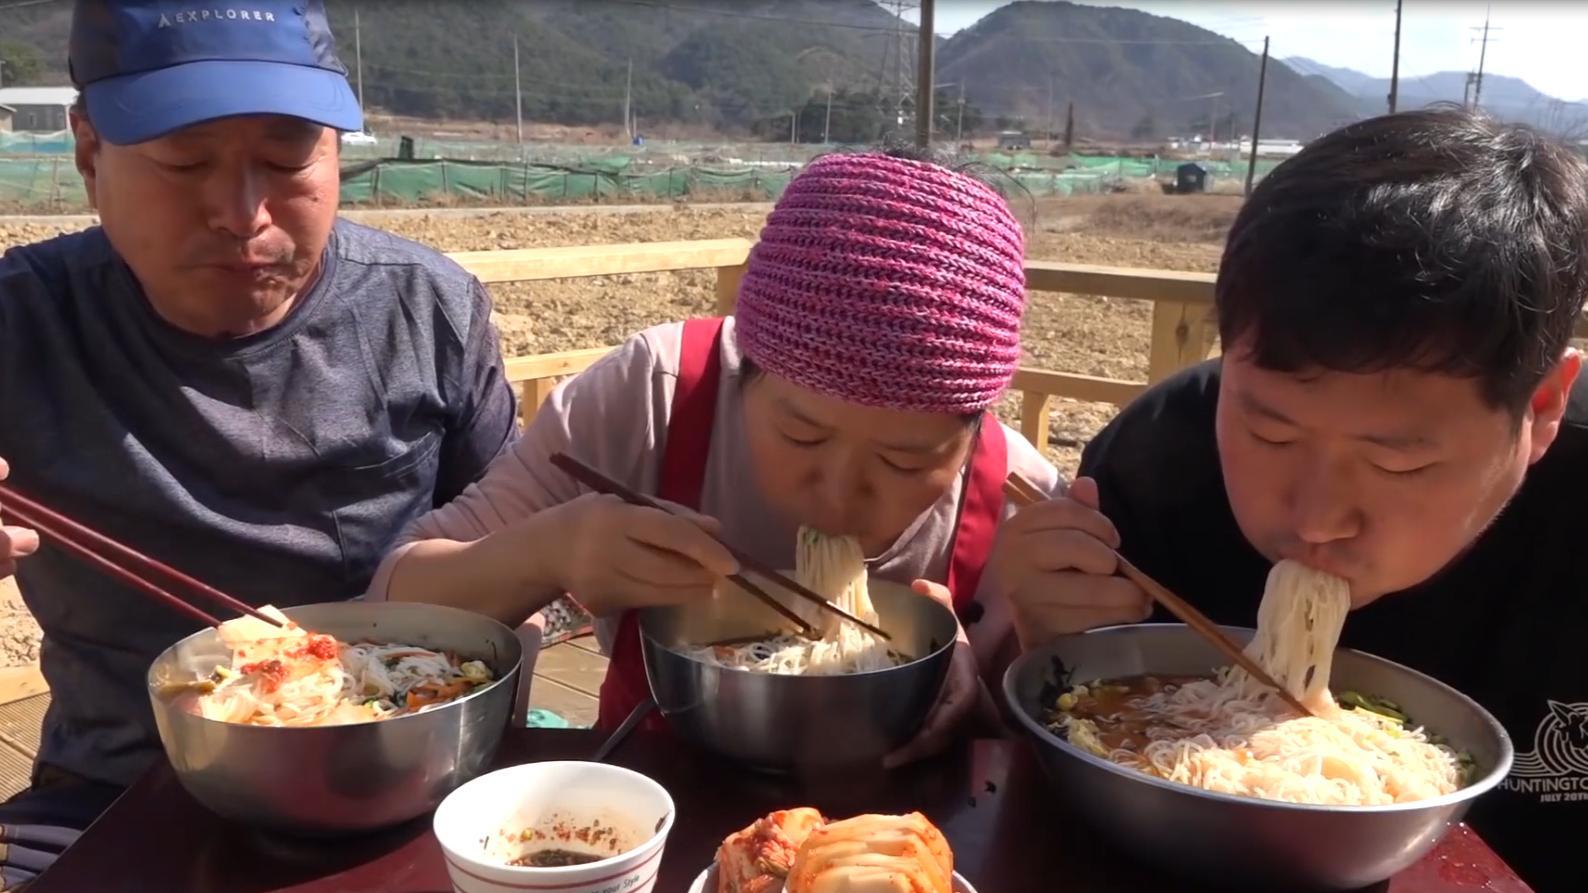 一起和妈妈制作正宗的韩国婚礼面吧~凉水冲过的面条更有弹性哦!